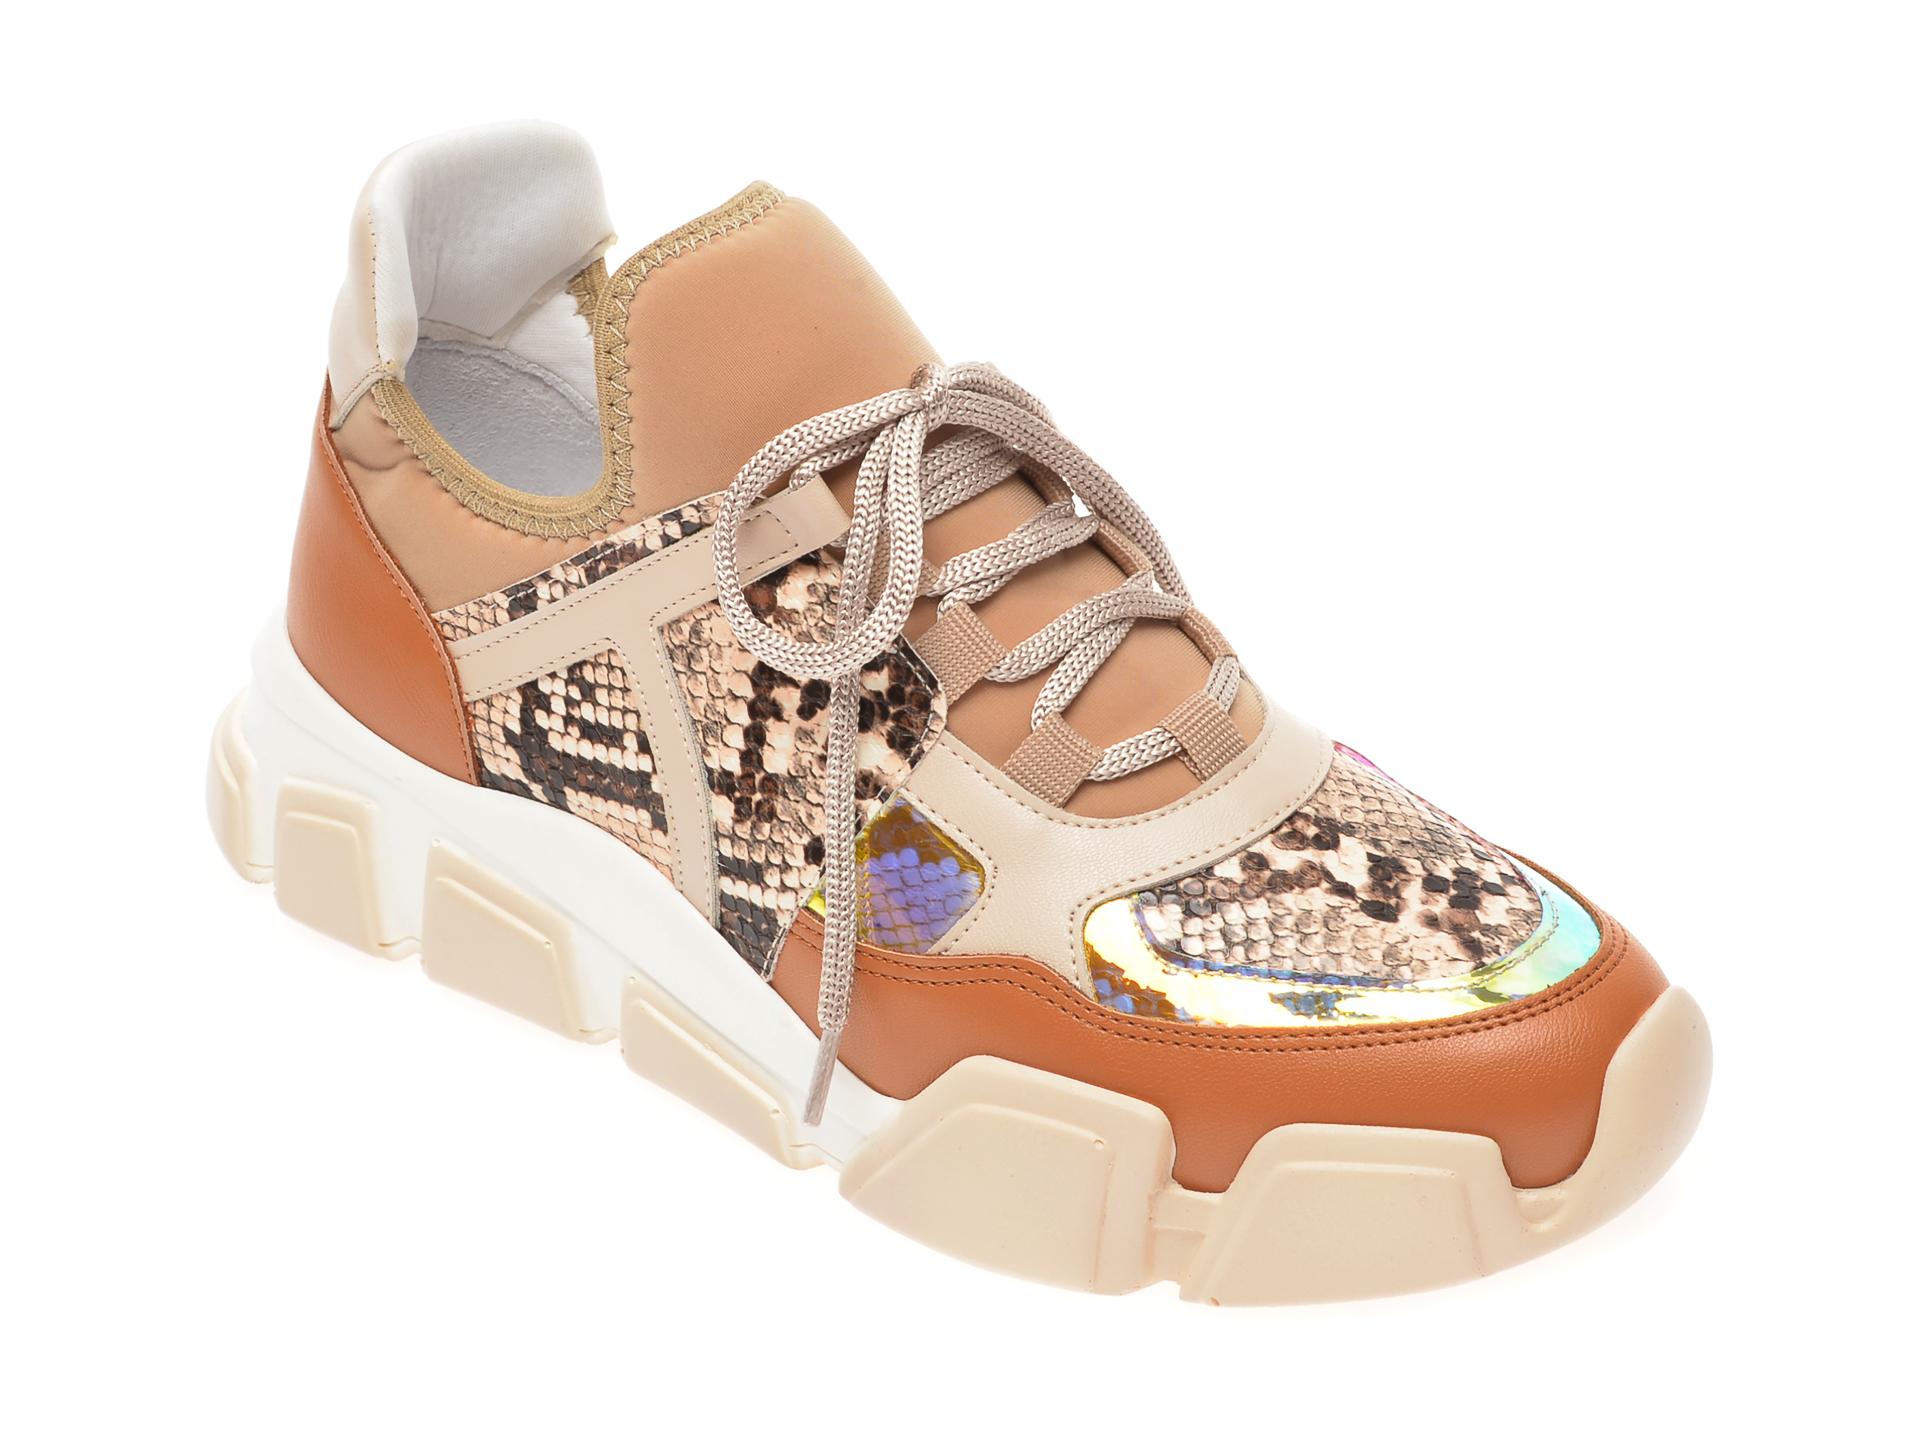 Pantofi sport GRYXX multicolor, MO111S1, din piele ecologica imagine